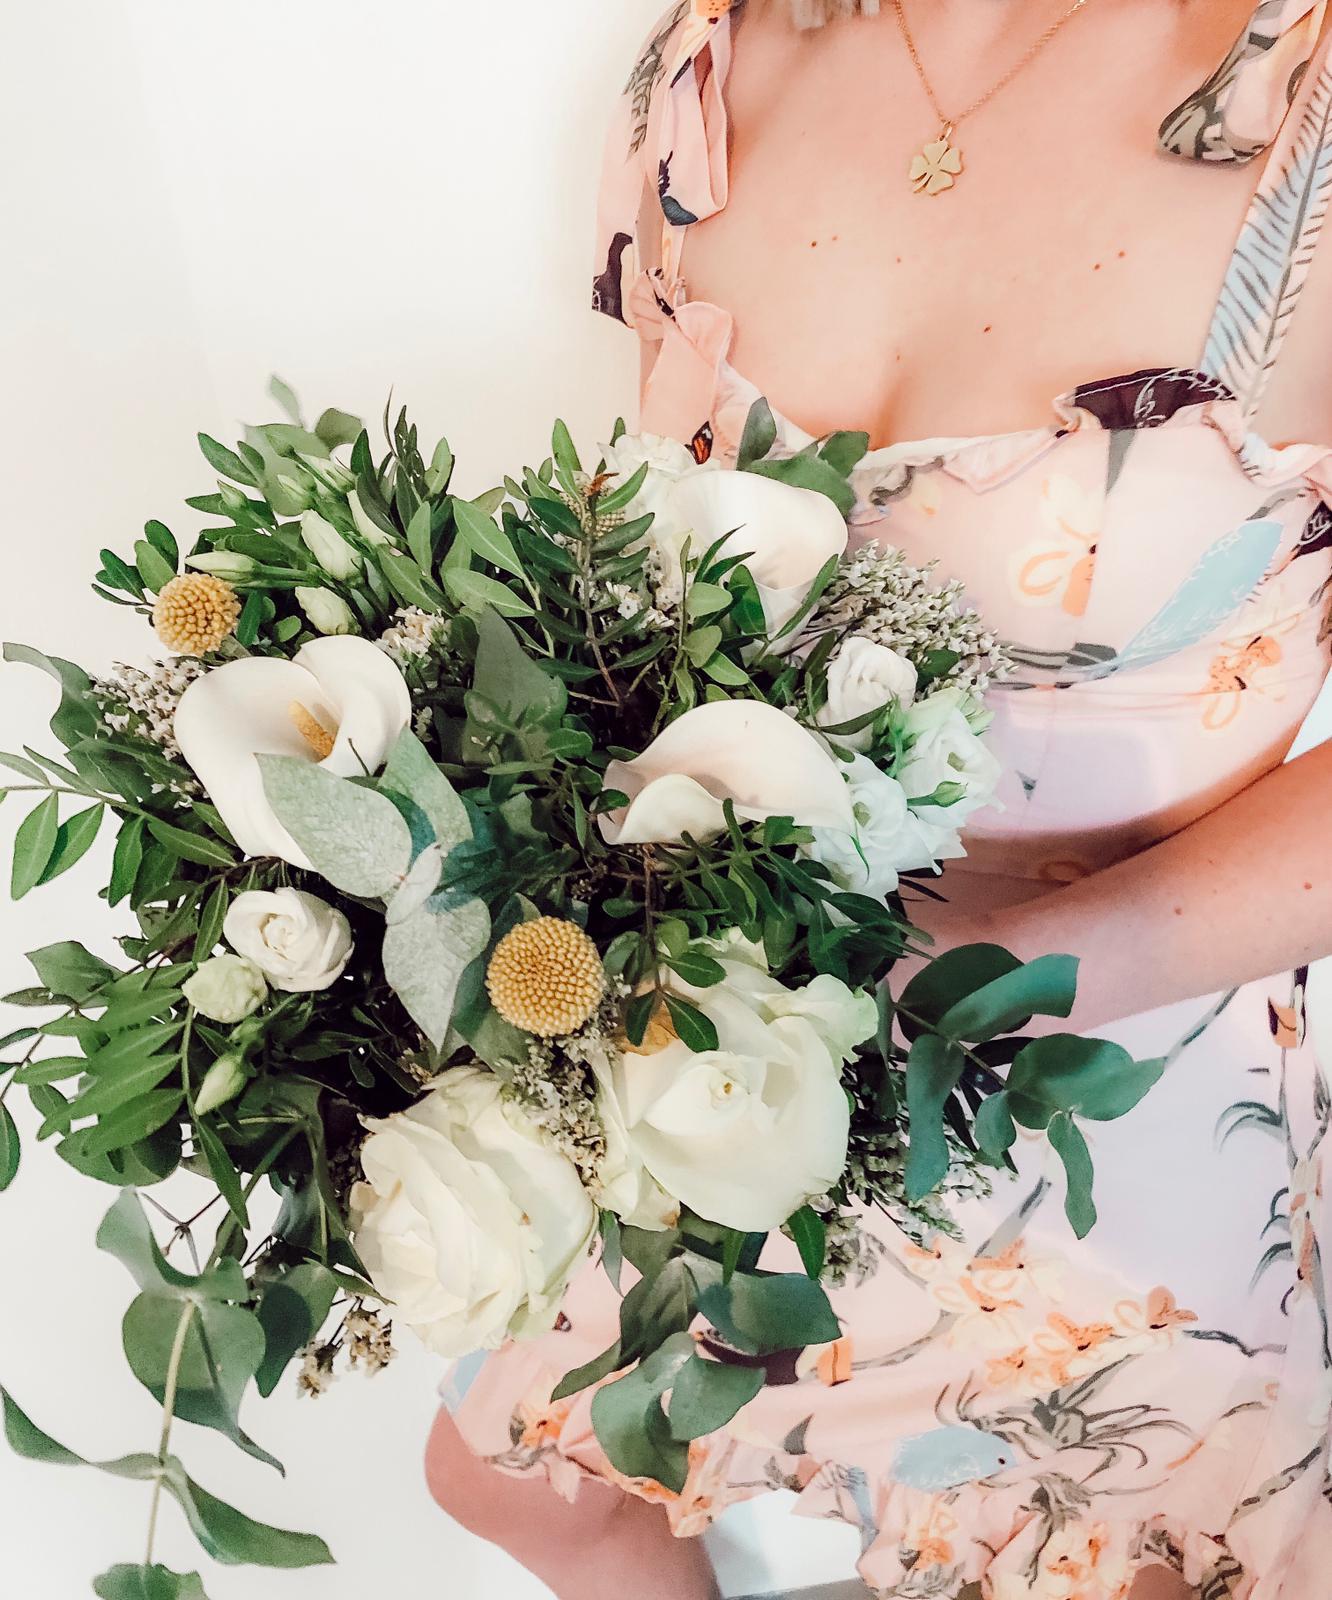 Blumen zum Muttertag, Geburtstag oder mal so